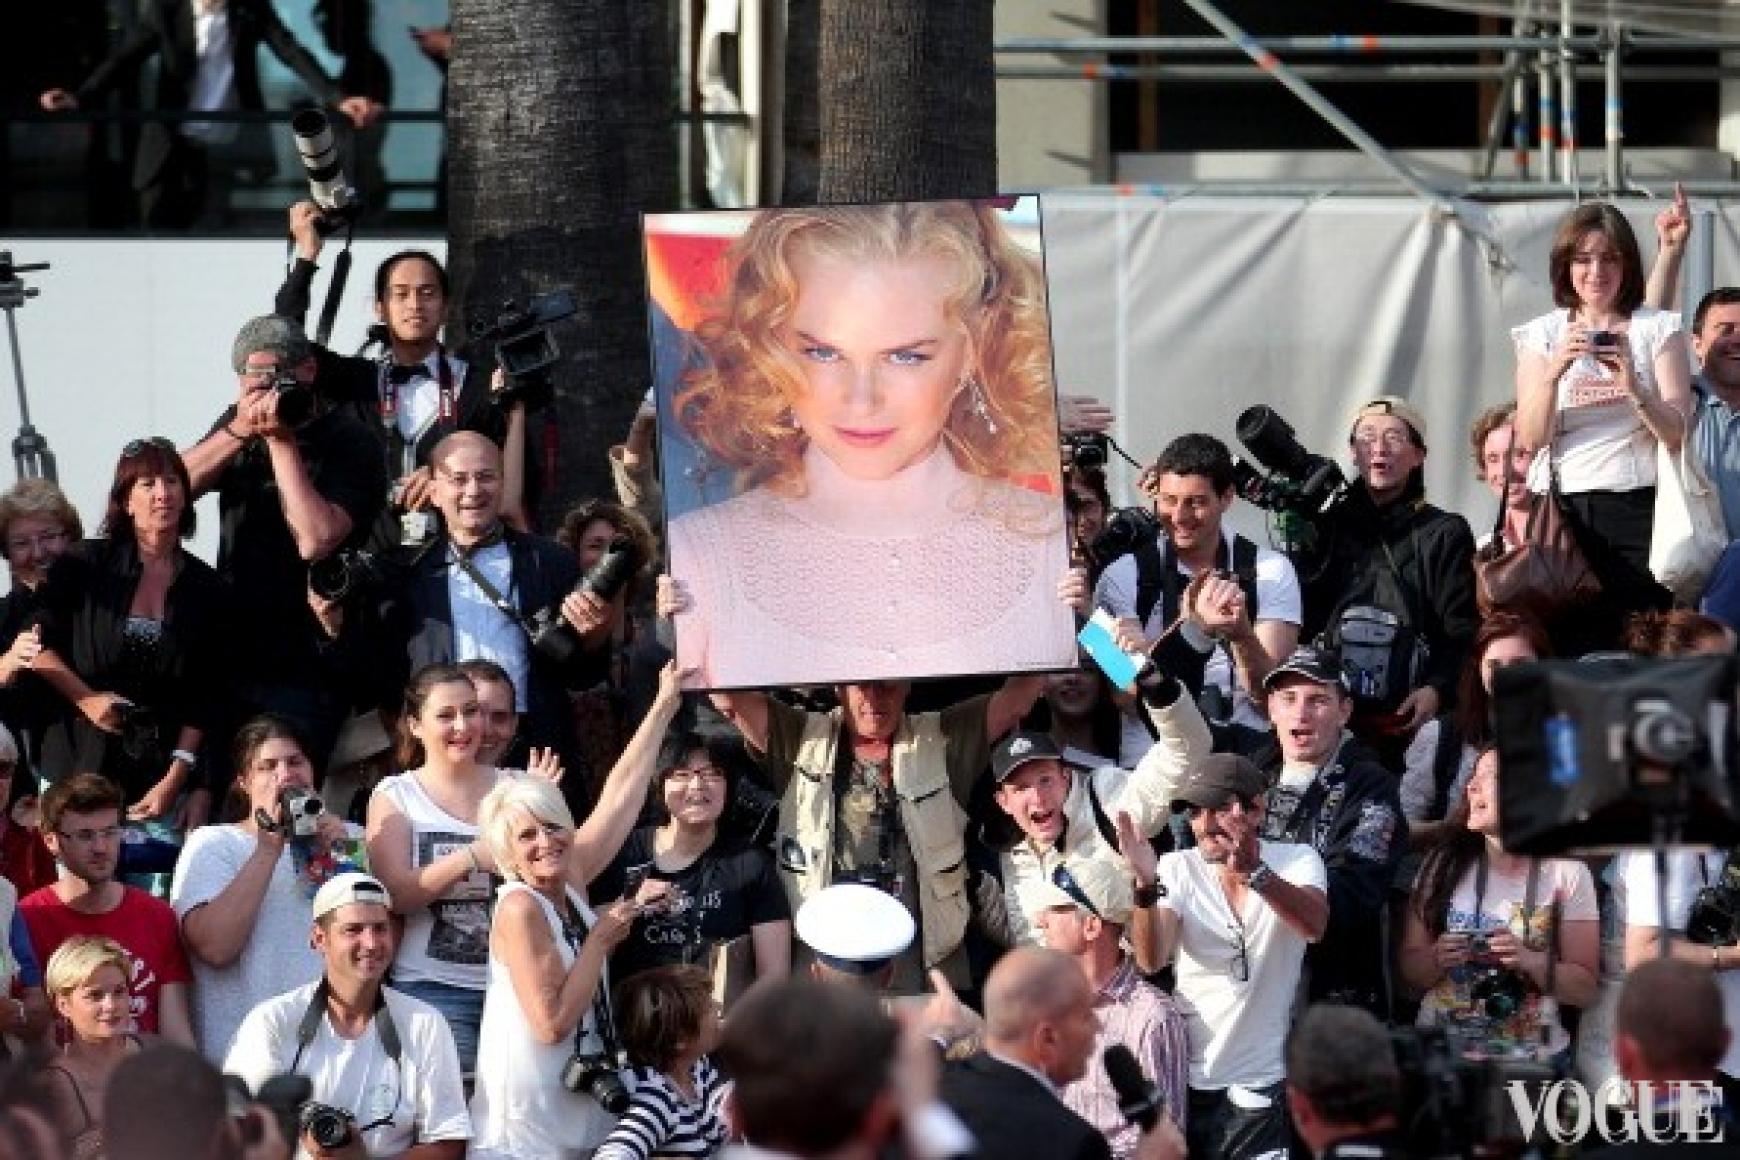 Фанаты встречают Николь Кидман плакатом с изображением аткрисы